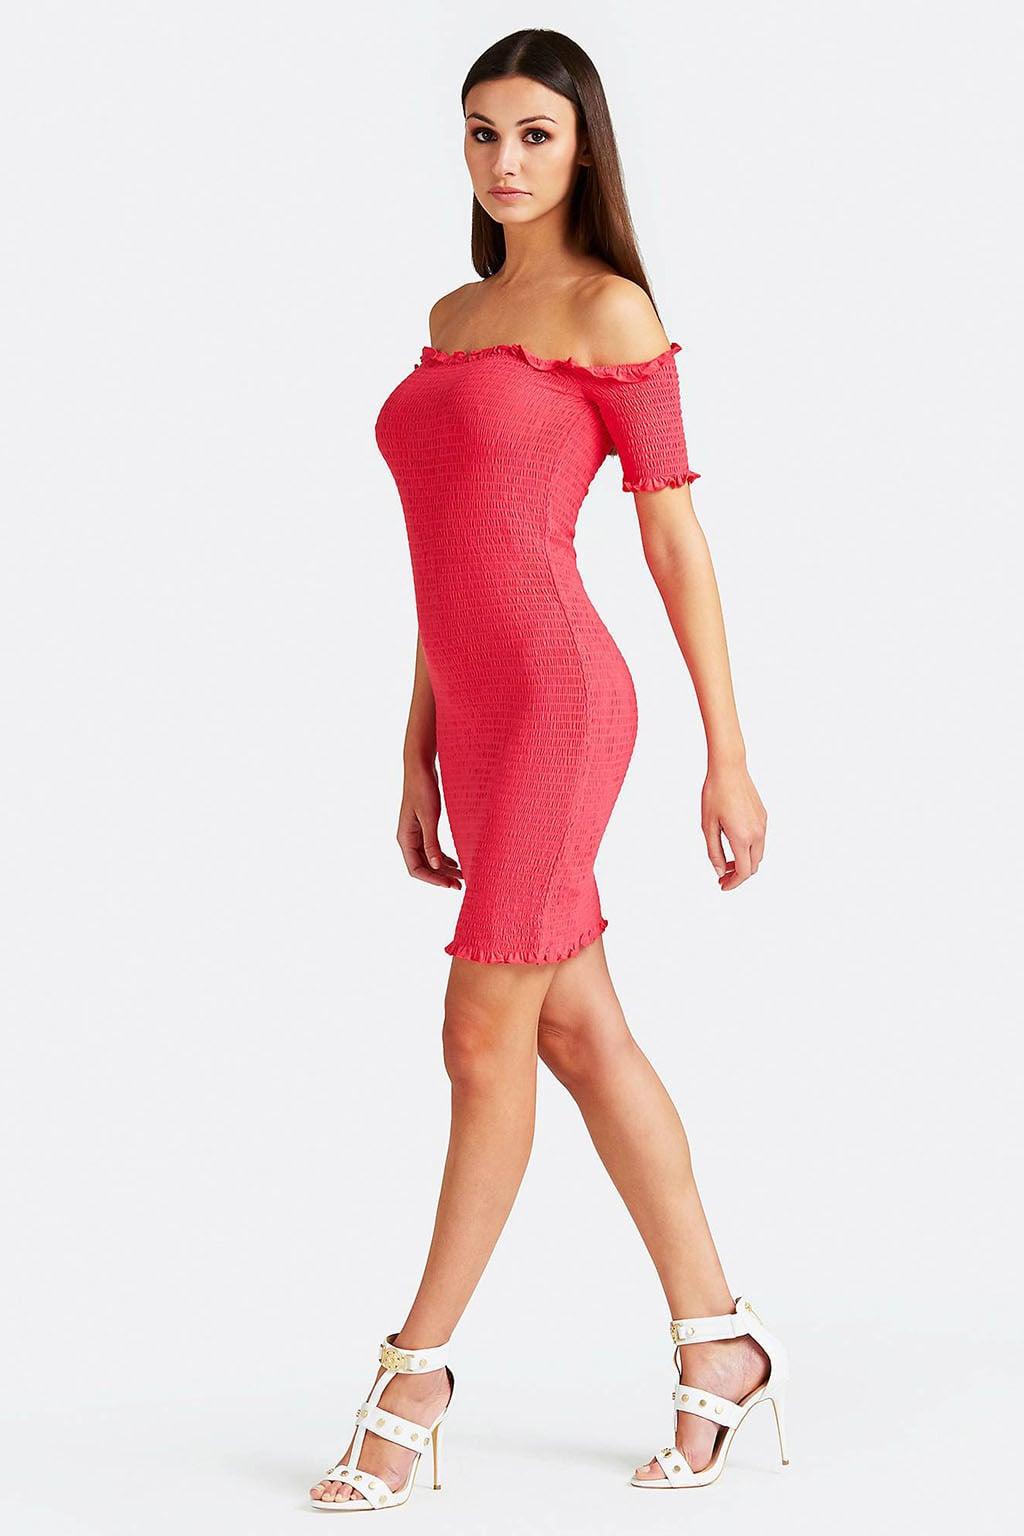 dd9ed13b4195f5 Guess martina jurk fuchsia koop je online bij…